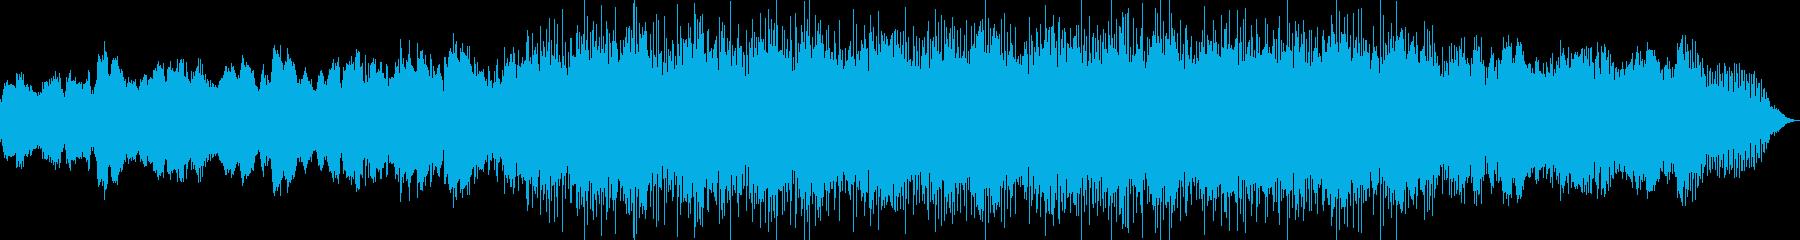 自然の力強さをイメージした楽曲の再生済みの波形